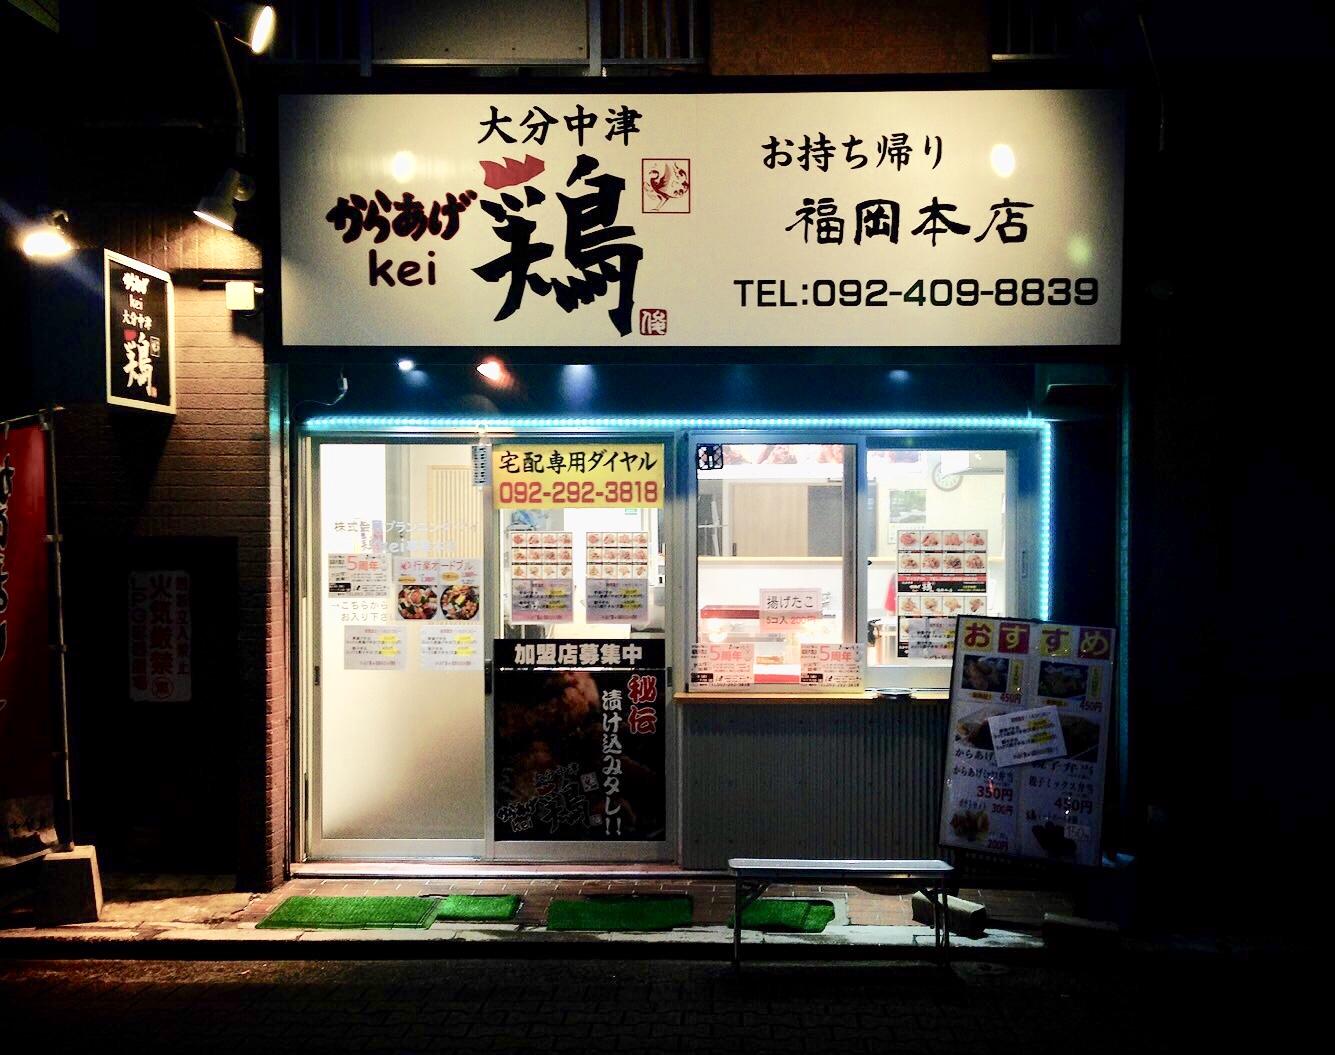 からあげ鶏kei福岡本店の外観